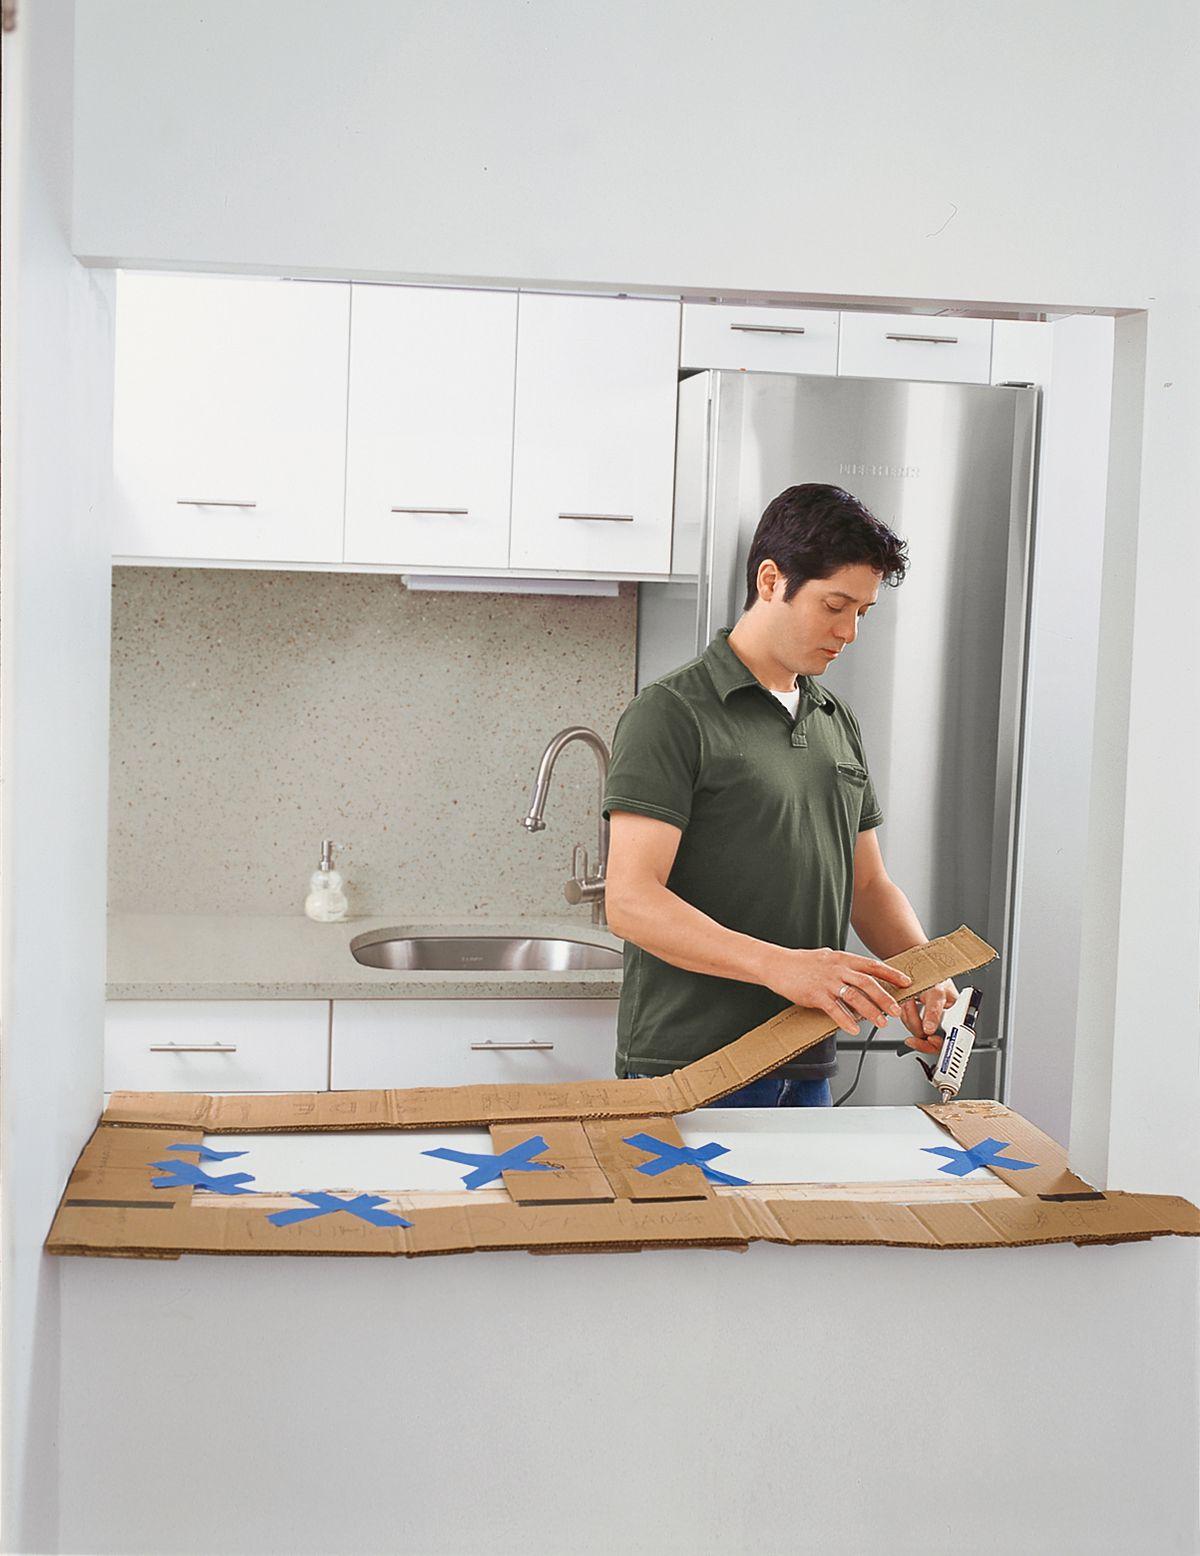 Man Assembles Cardboard Template Of Butcher Block